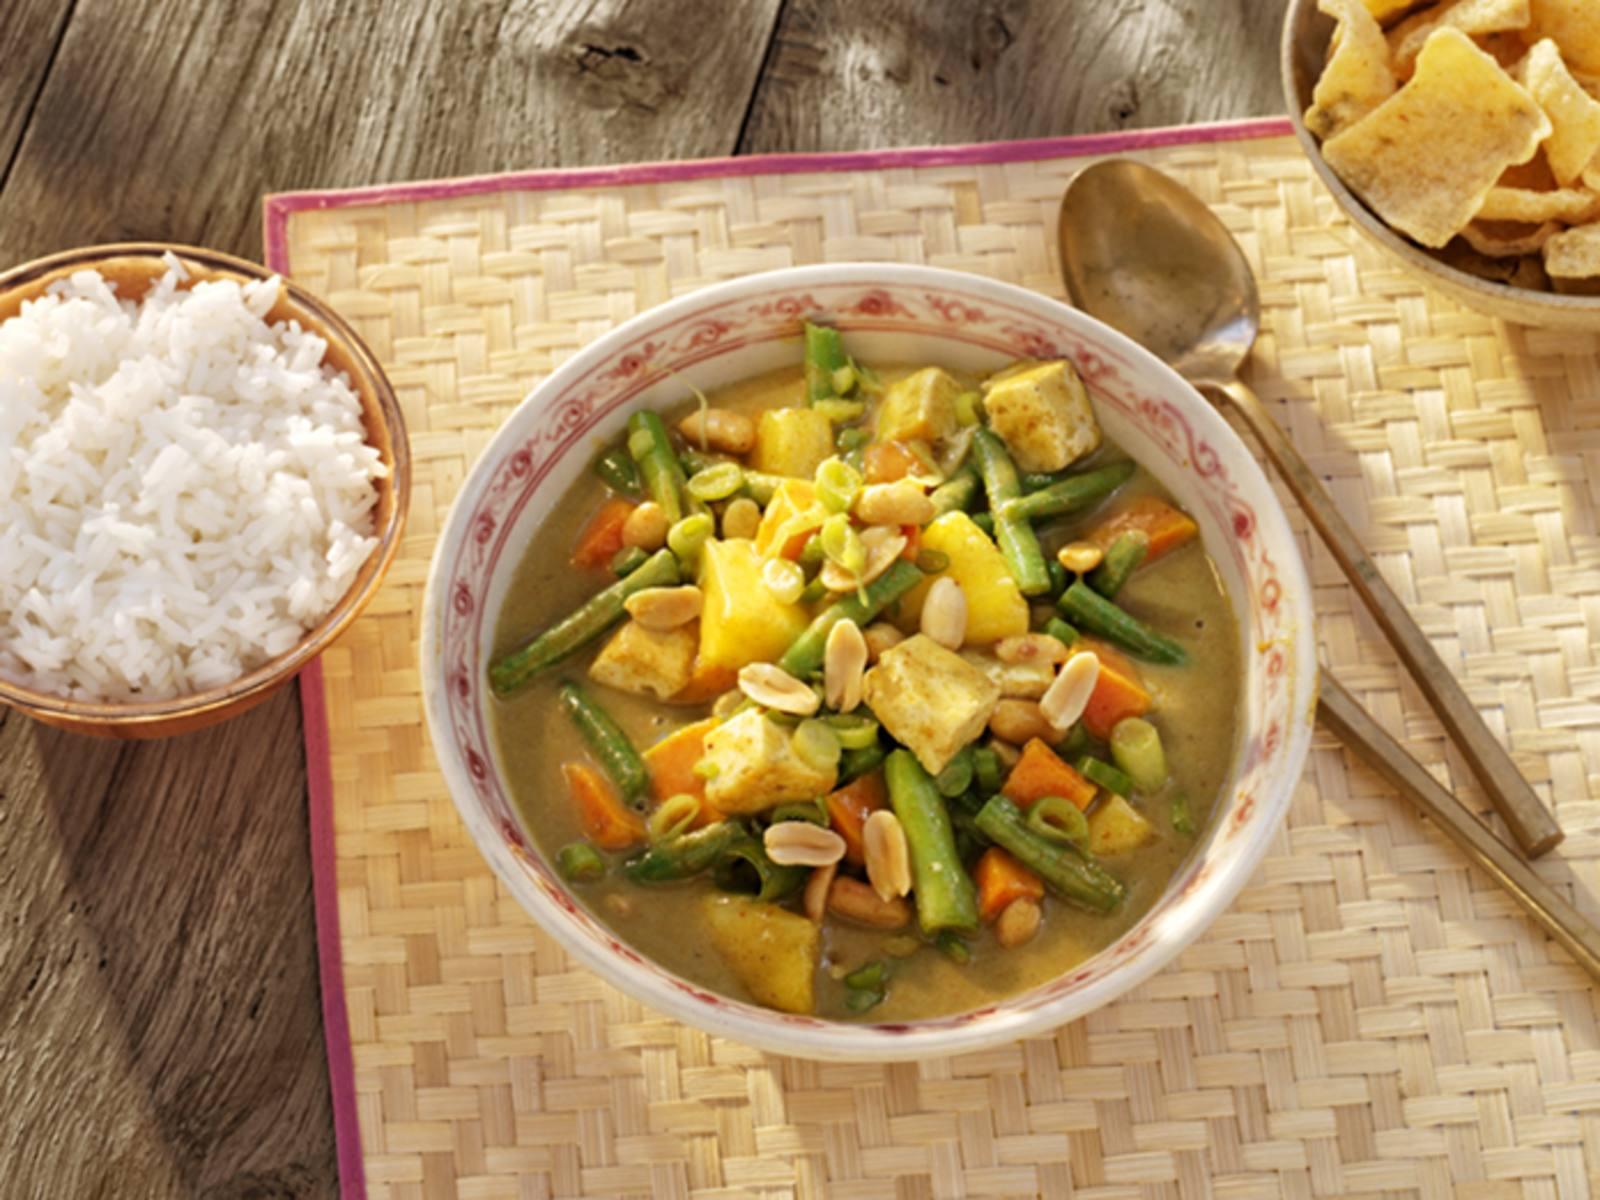 Thaise Massaman Tofu Curry met zoete aardappel en ananas